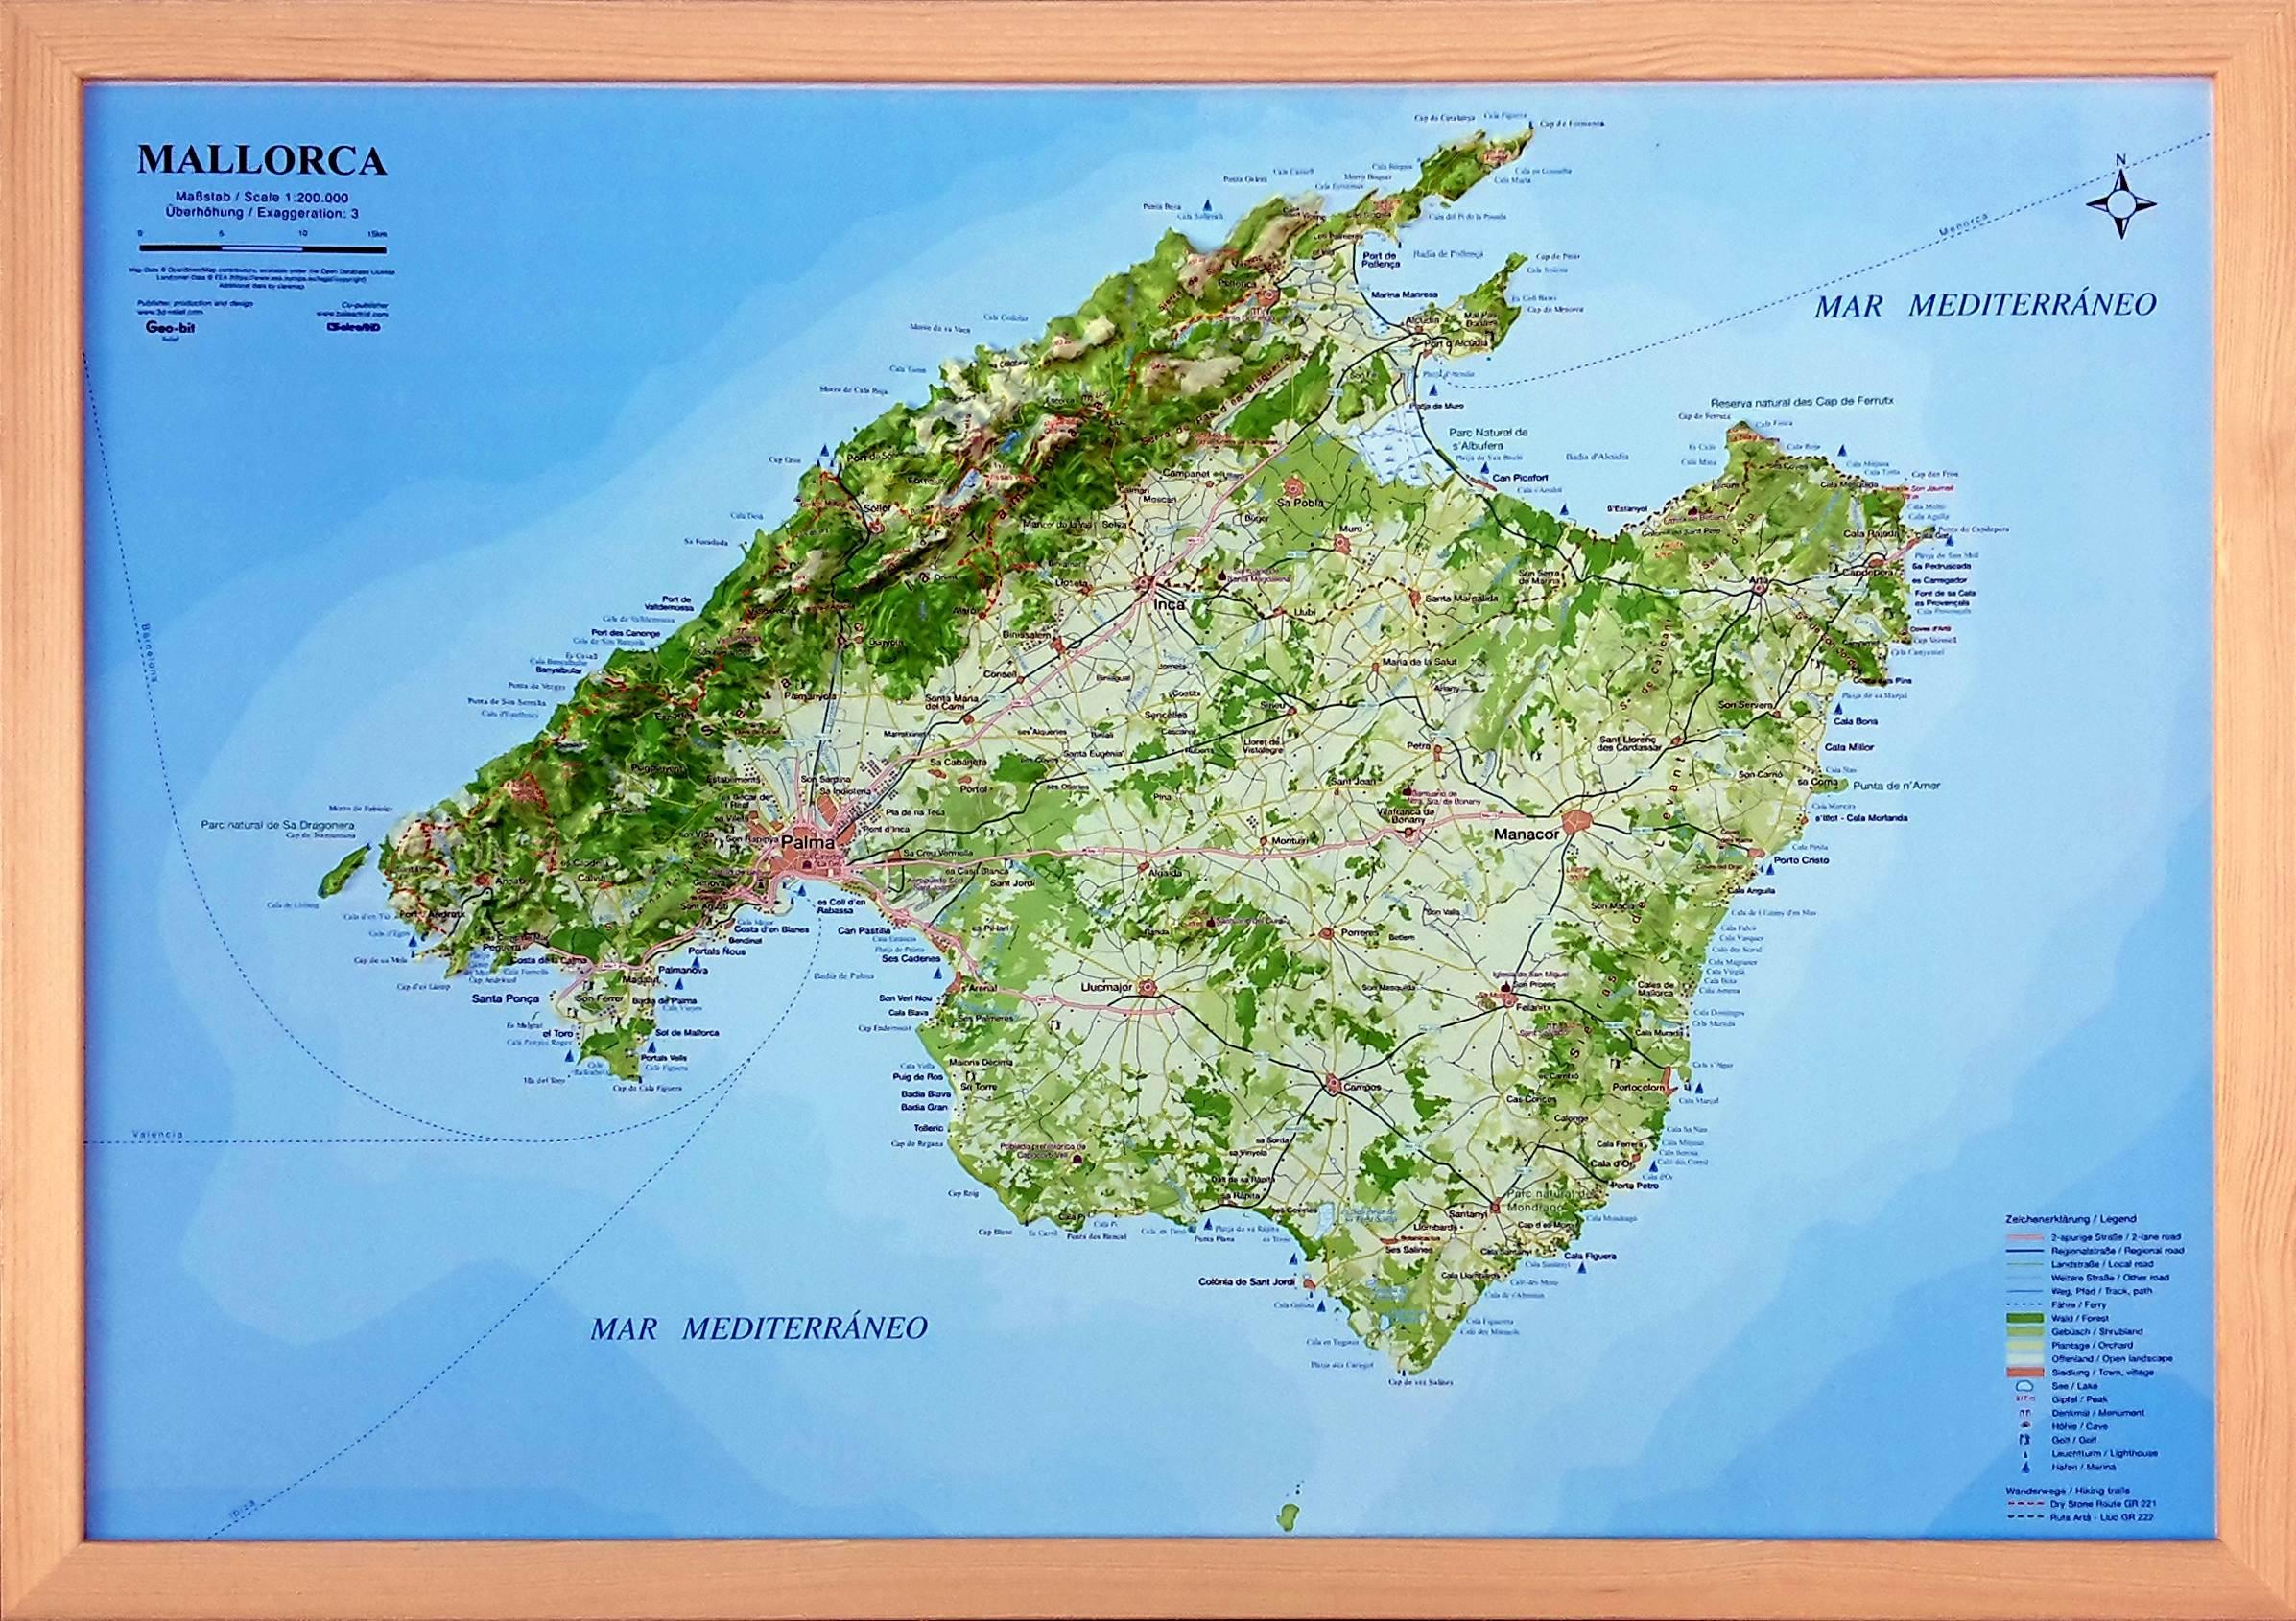 Mallorca Karte Sa Coma.Top 10 Punto Medio Noticias Majorca Spain Map